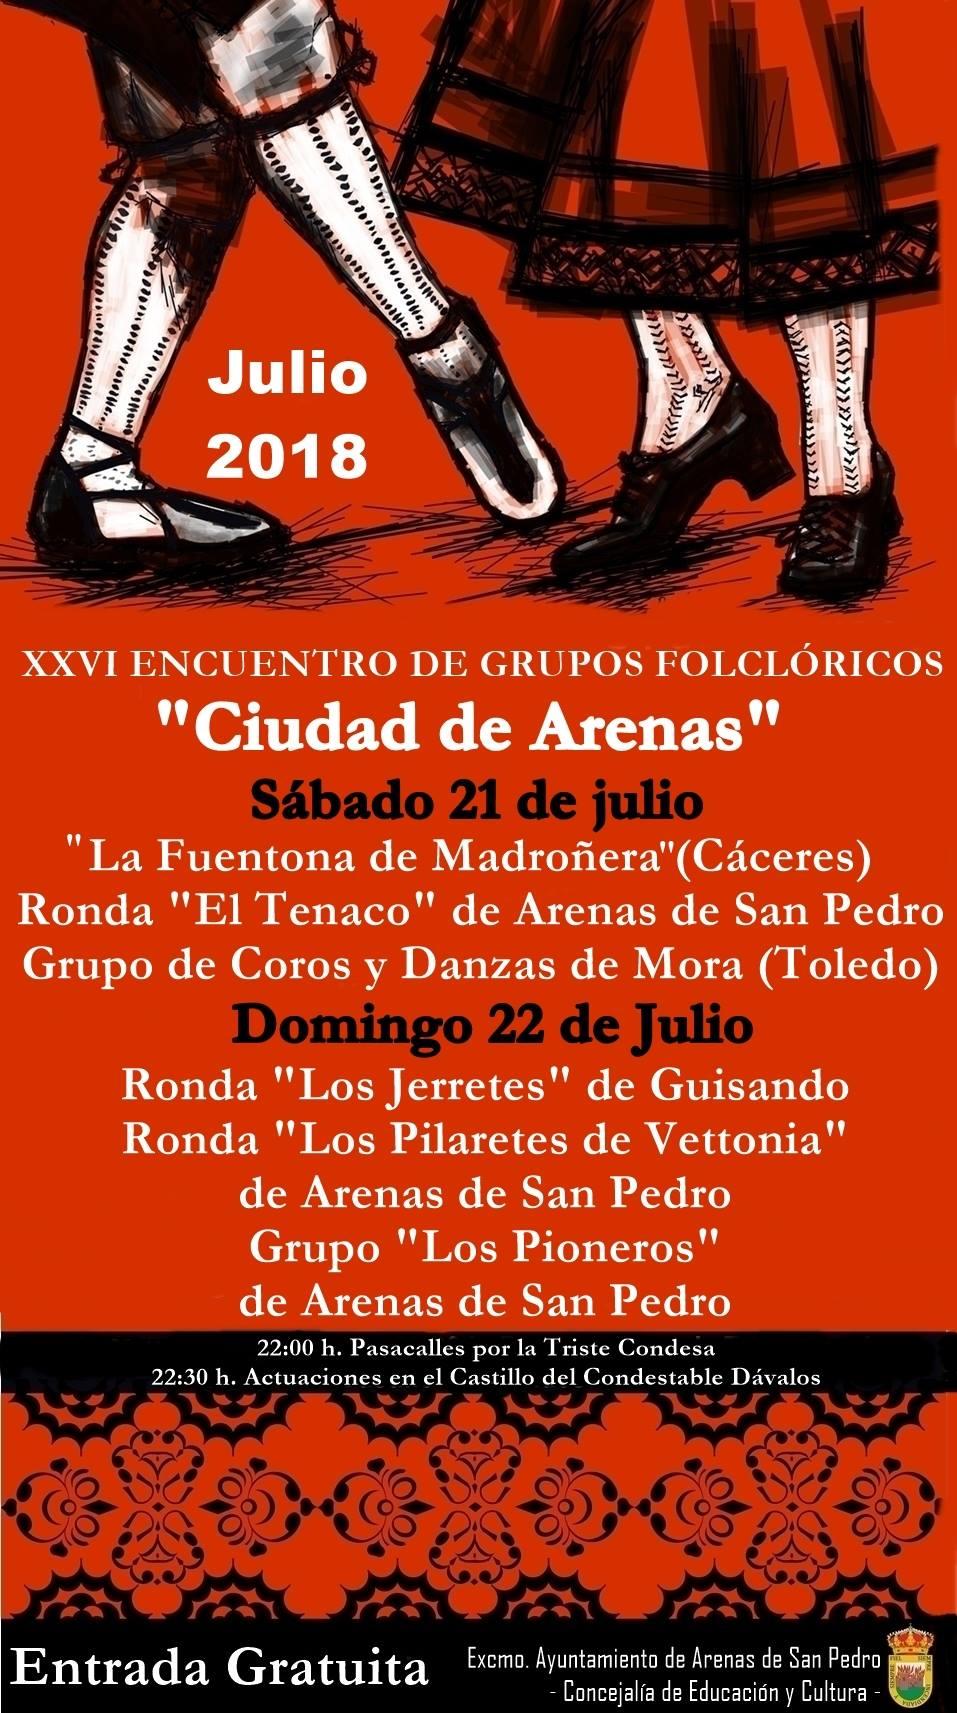 XXVI Encuentro Folclorico Arenas de San Pedro